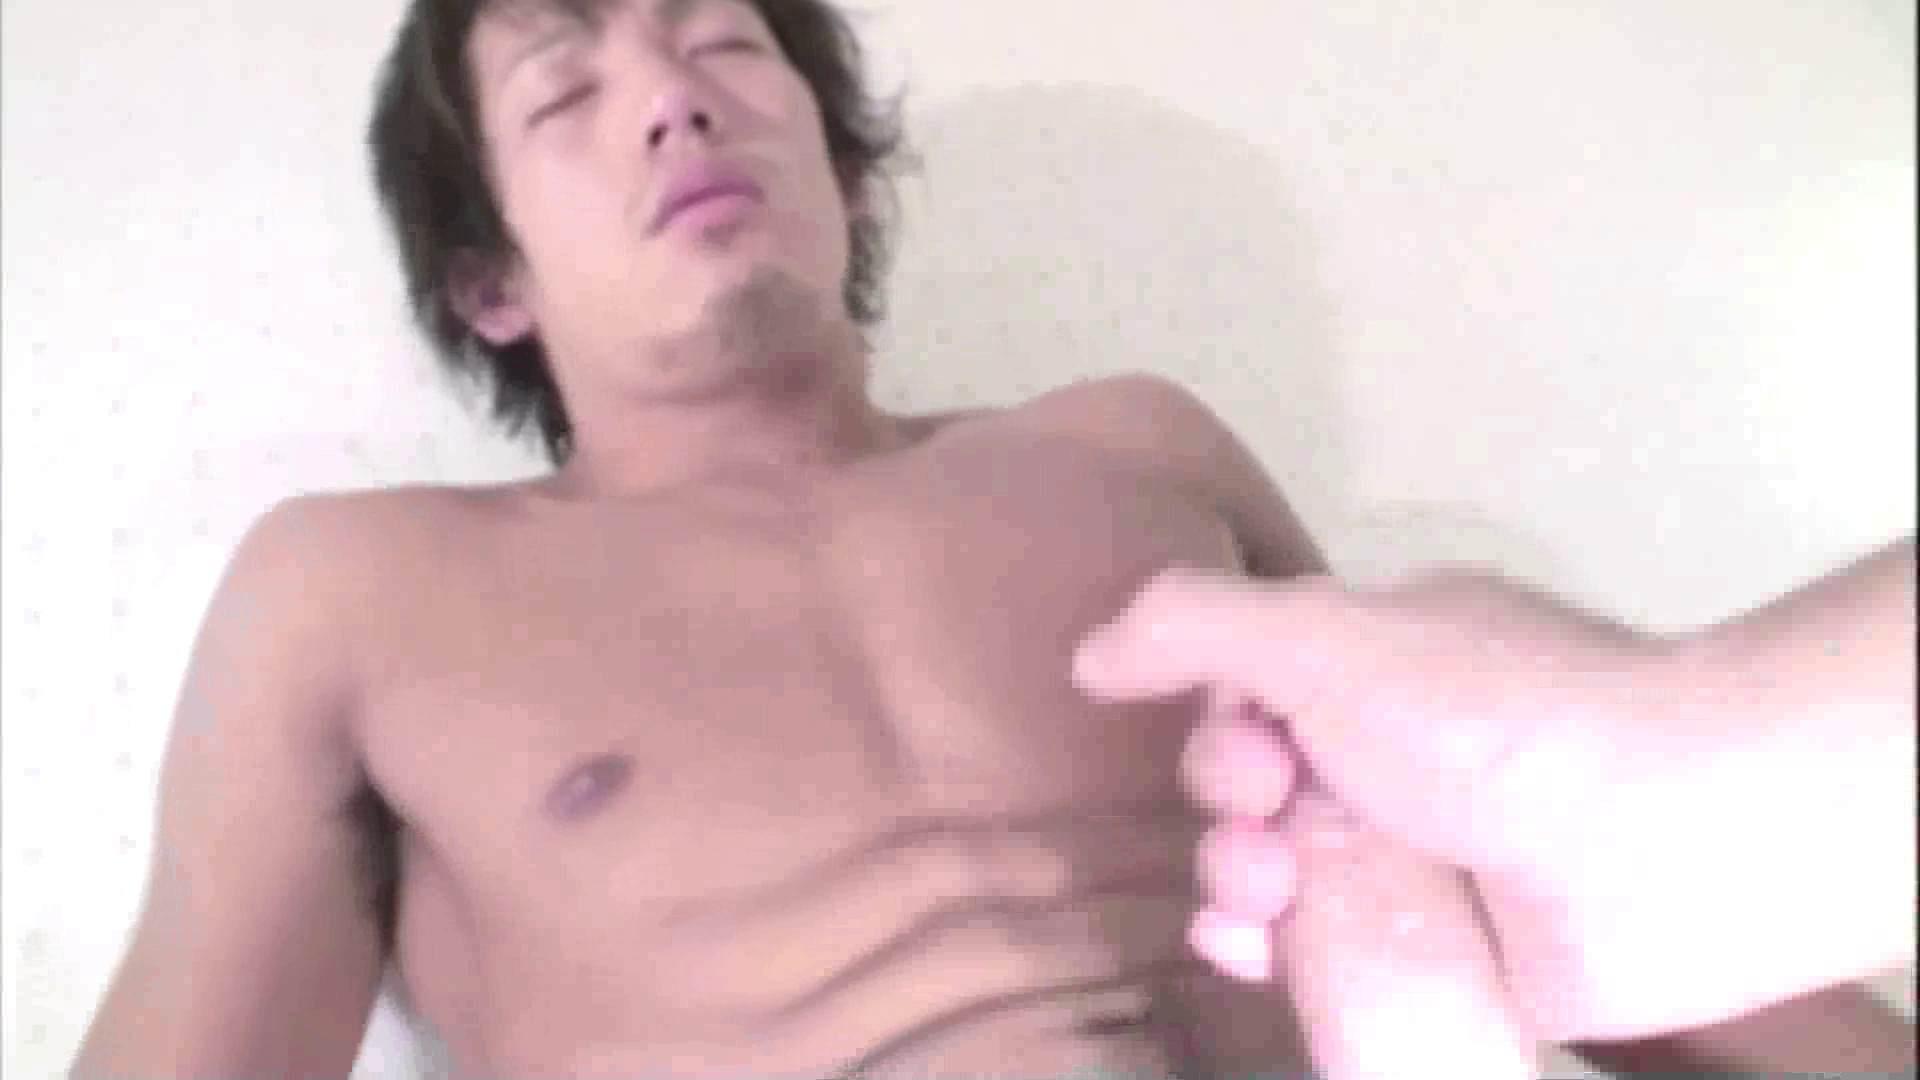 イカせ屋 Vol.05 イケメン  90pic 9